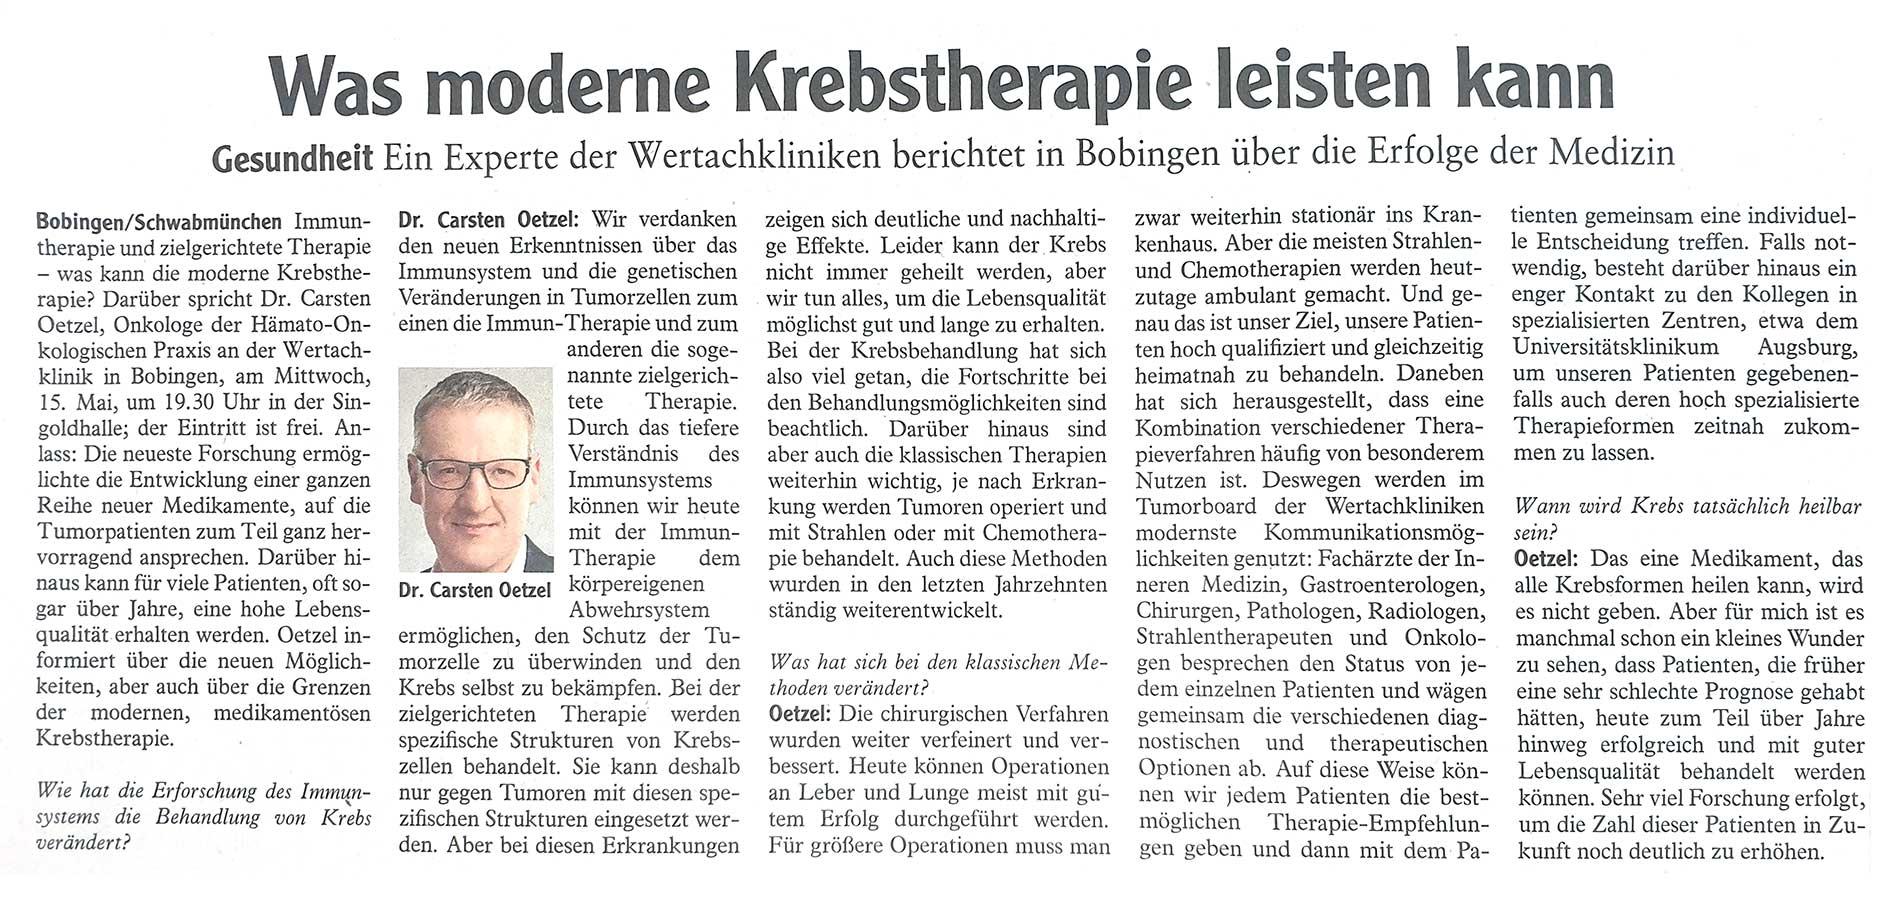 """Interview mit Dr. Carsten Oetzel zum Thema """"Moderne Krebstherapie""""."""